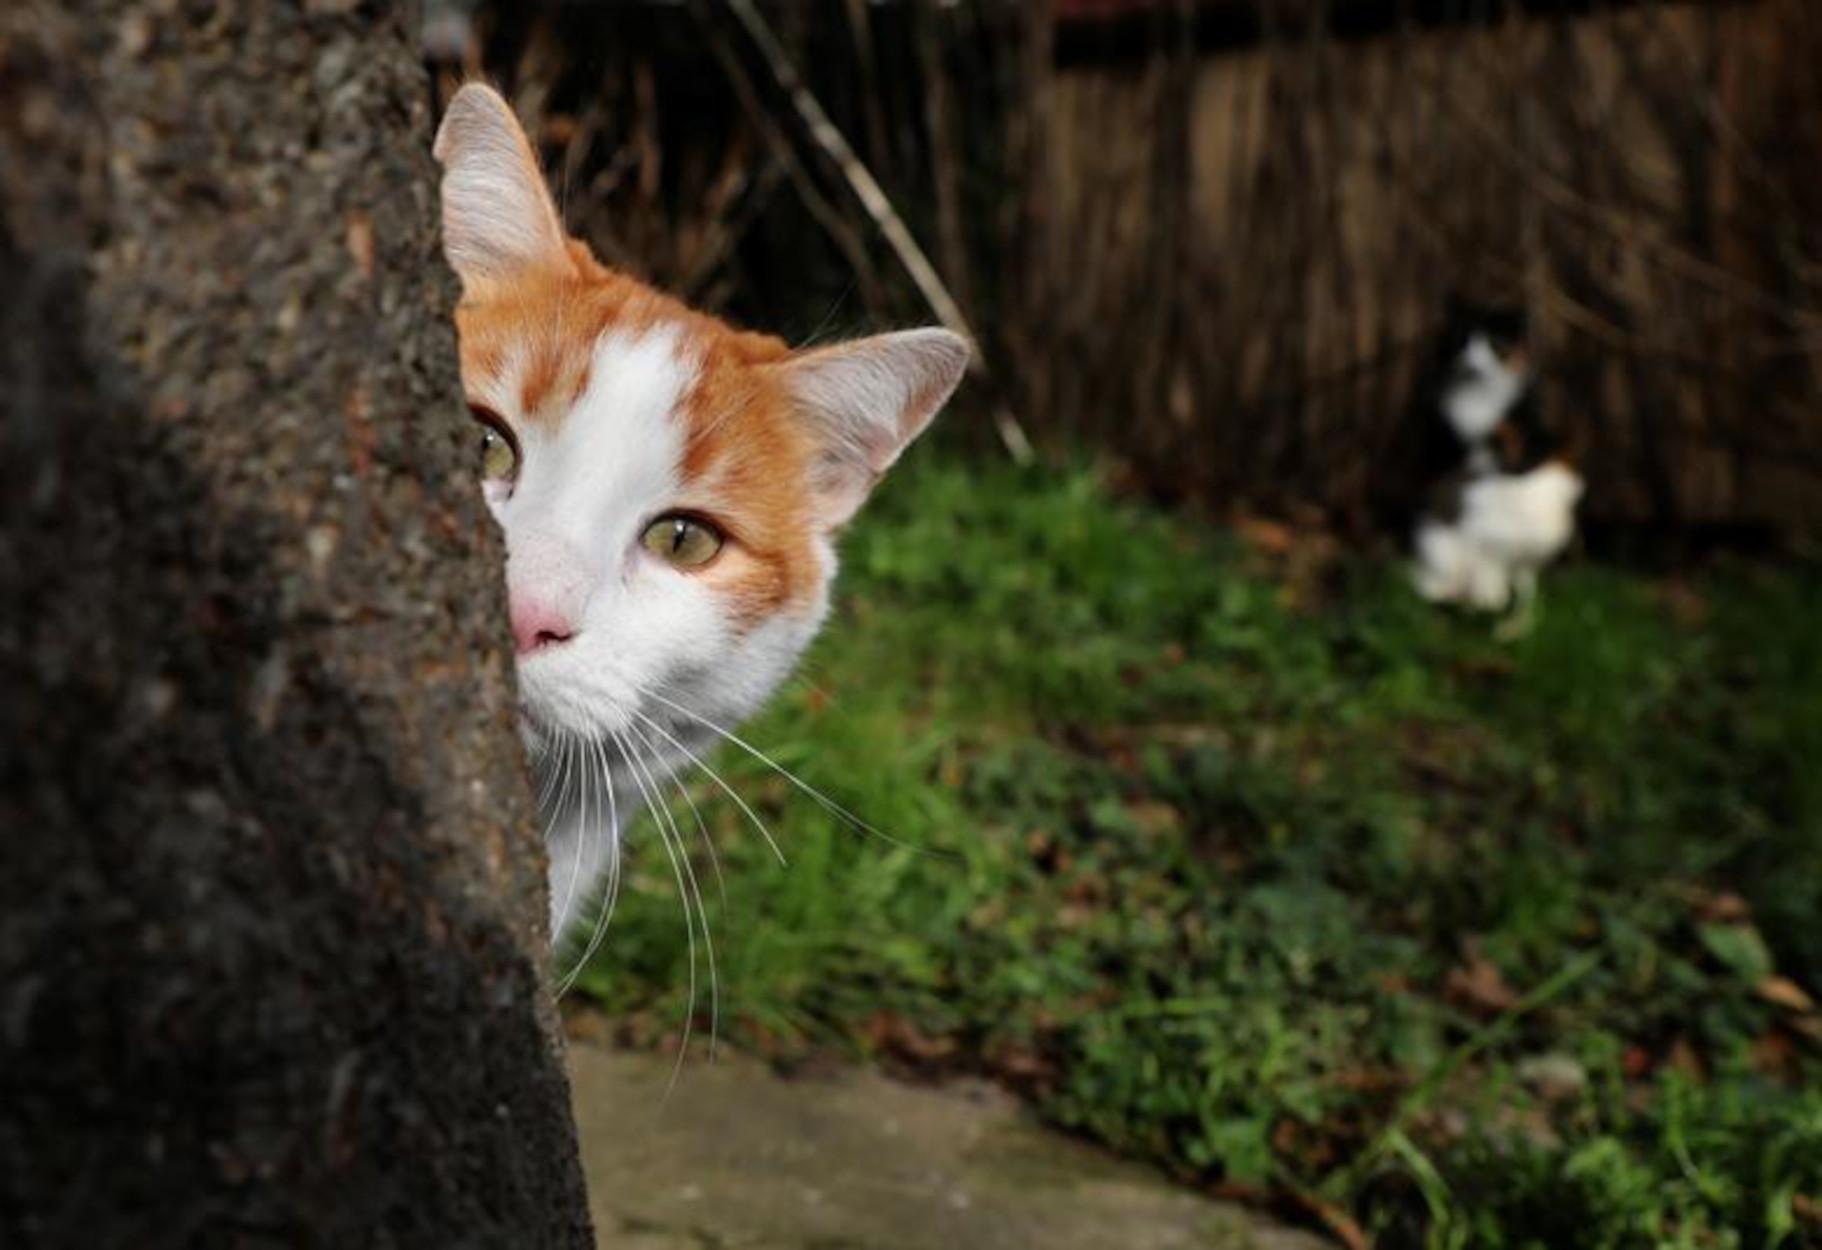 Καβάλα: Πρόστιμο 30.000 ευρώ σε άνδρα που πυροβόλησε γάτα